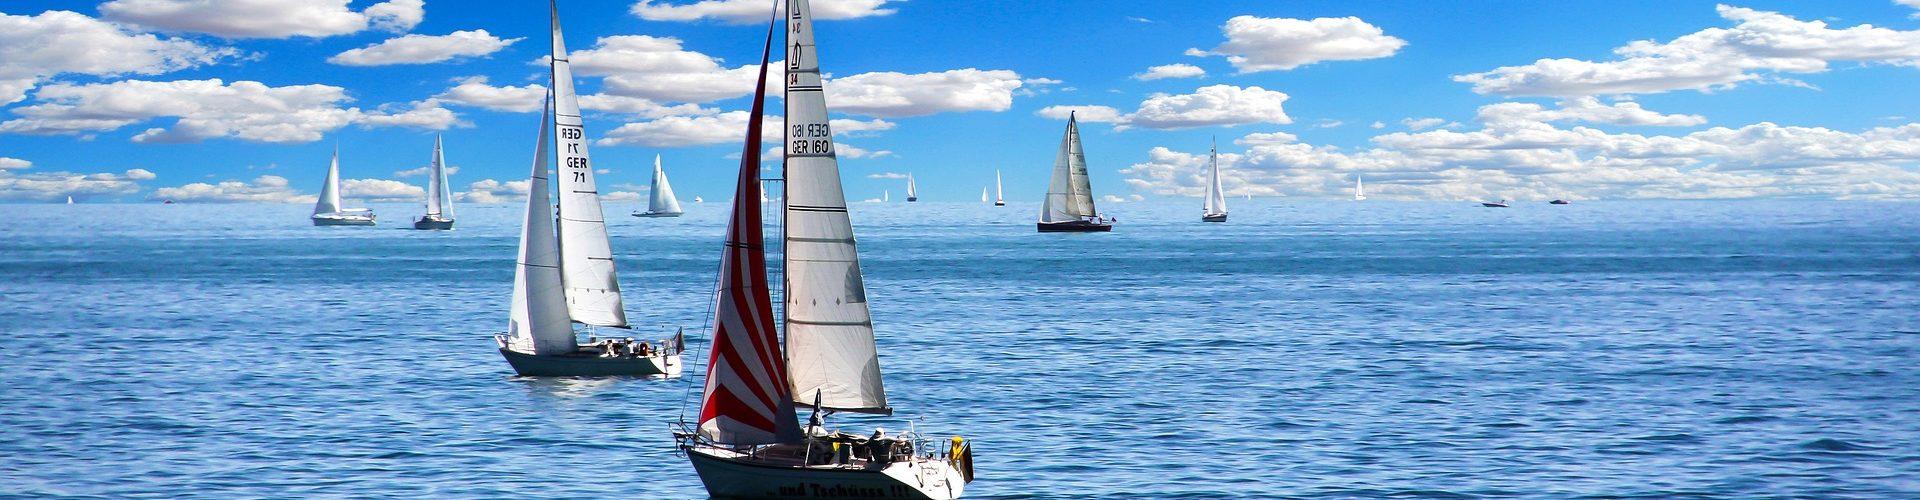 segeln lernen in Baunach segelschein machen in Baunach 1920x500 - Segeln lernen in Baunach